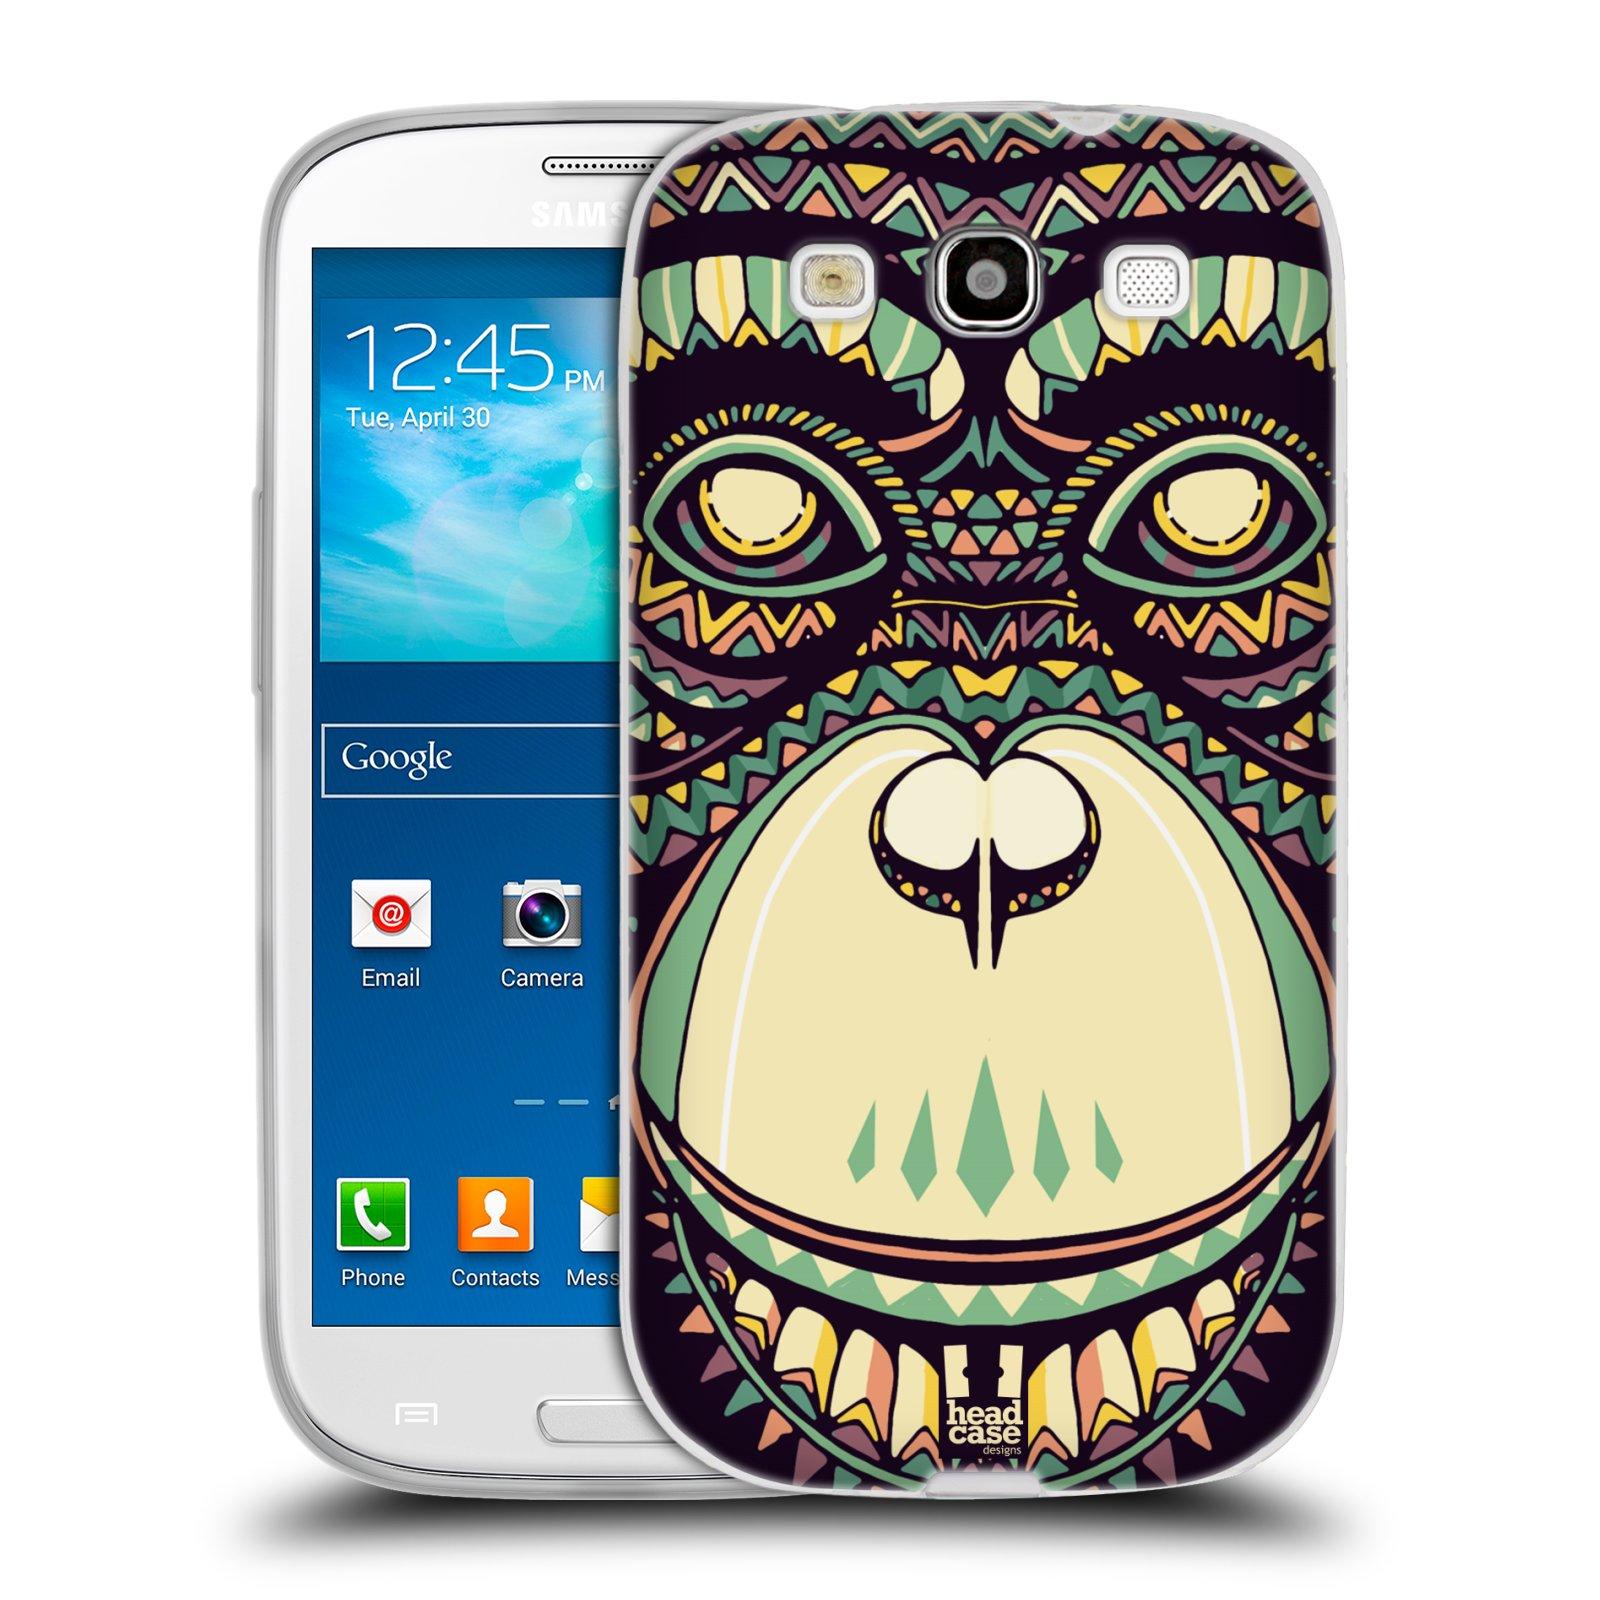 HEAD CASE silikonový obal na mobil Samsung Galaxy S3 i9300 vzor Aztécký motiv zvíře 3 šimpanz